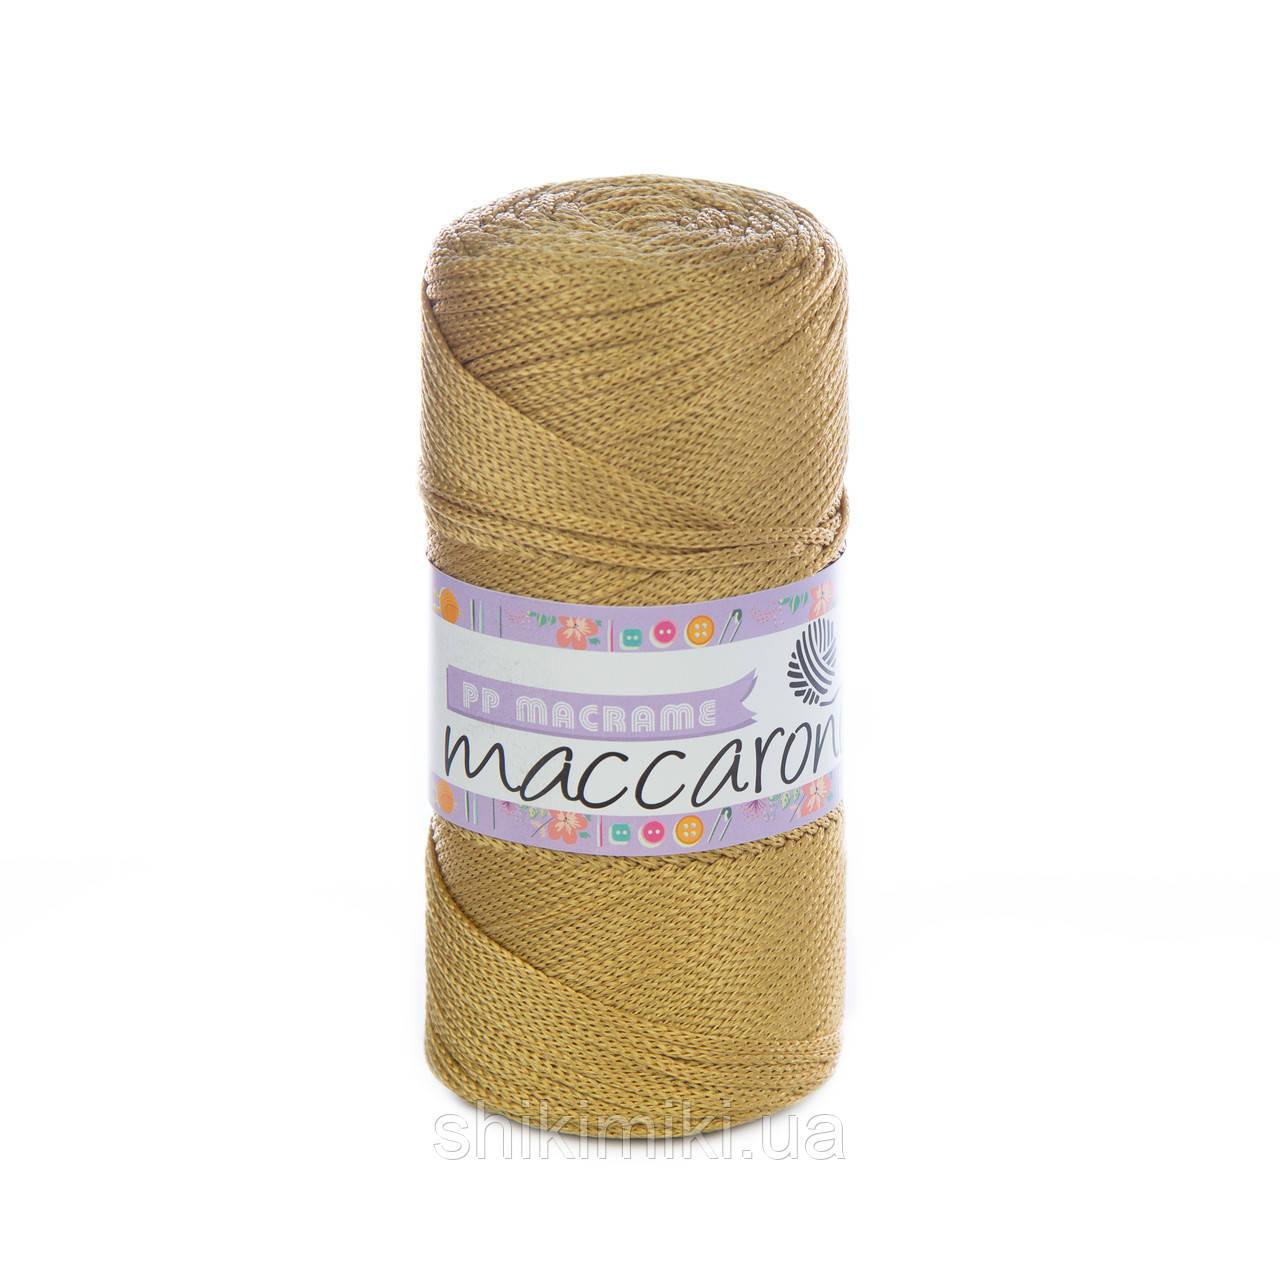 Трикотажный полипропиленовый шнур PP Macrame, цвет Золотой